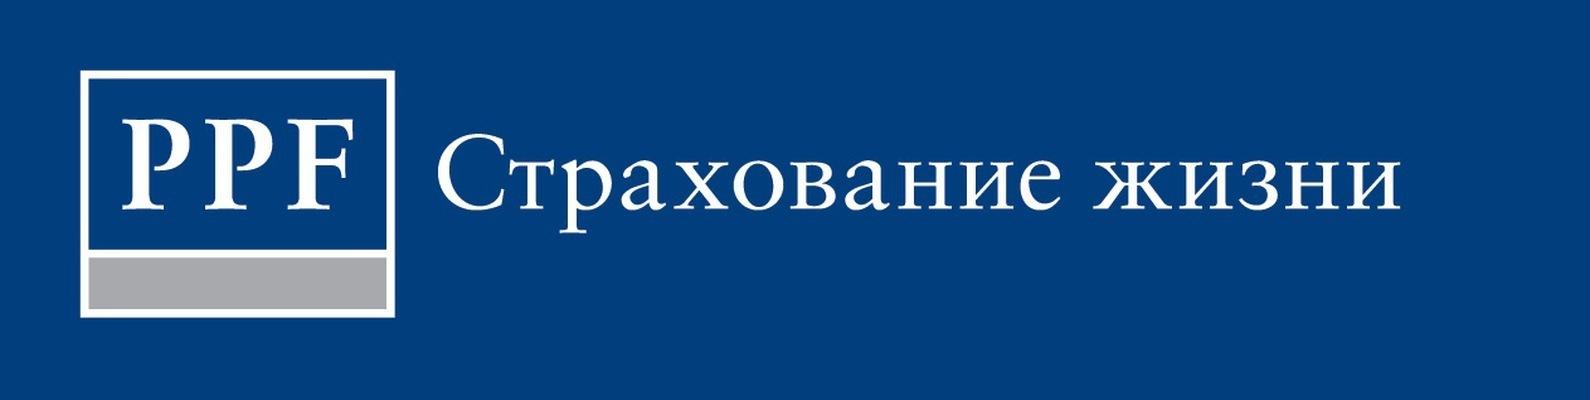 Страховая компания ппф страхование официальный сайт строительные компании саратова сайты